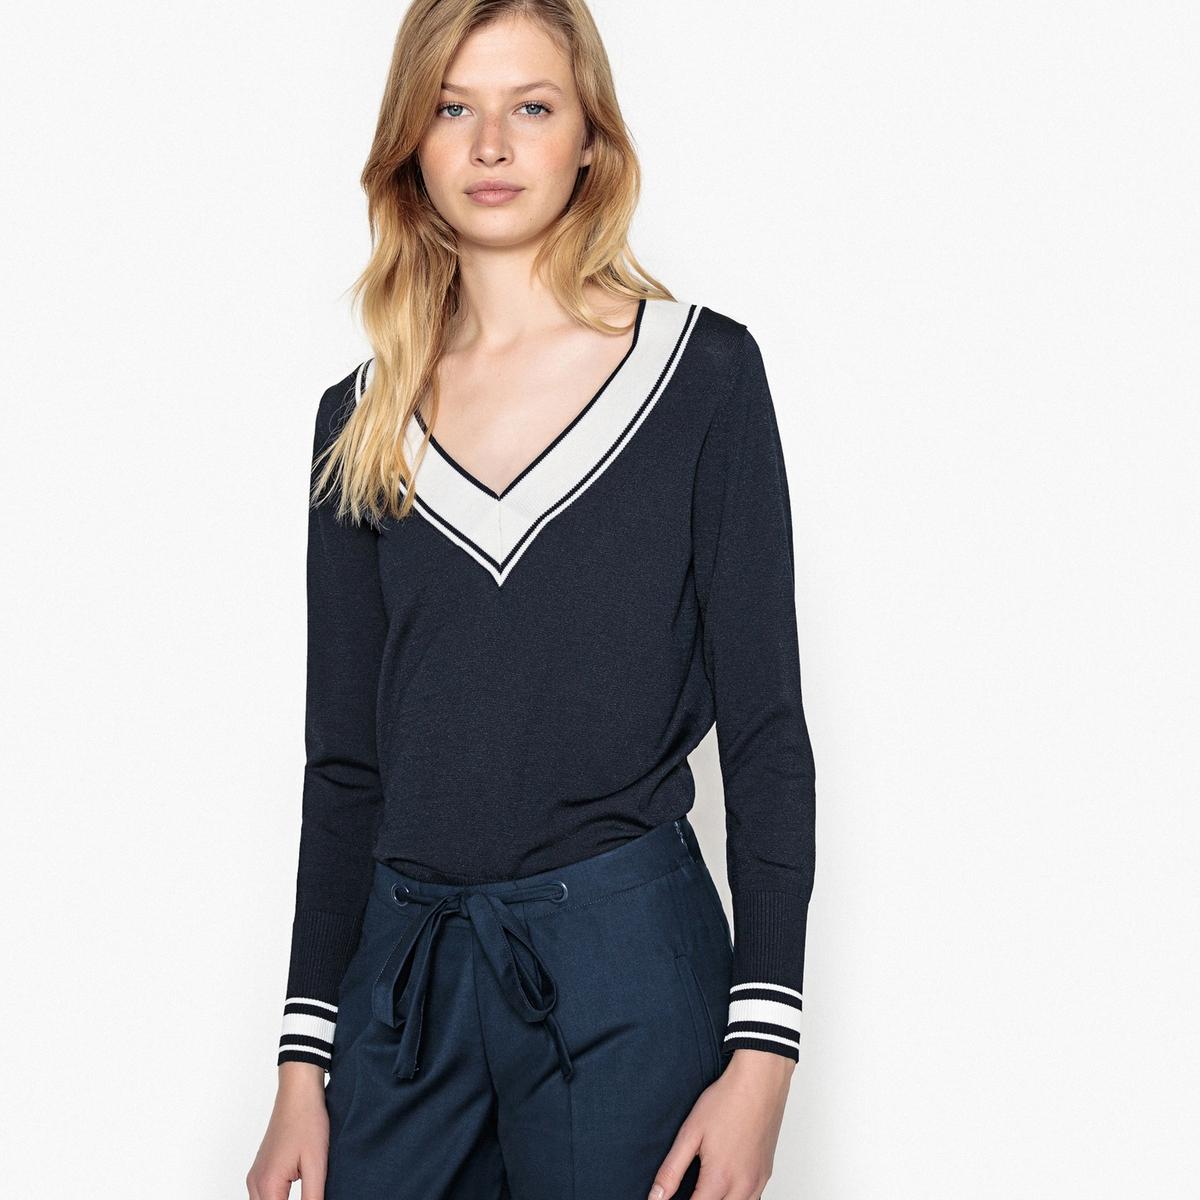 купить Пуловер с V-образным вырезом из тонкого трикотажа по цене 3399 рублей